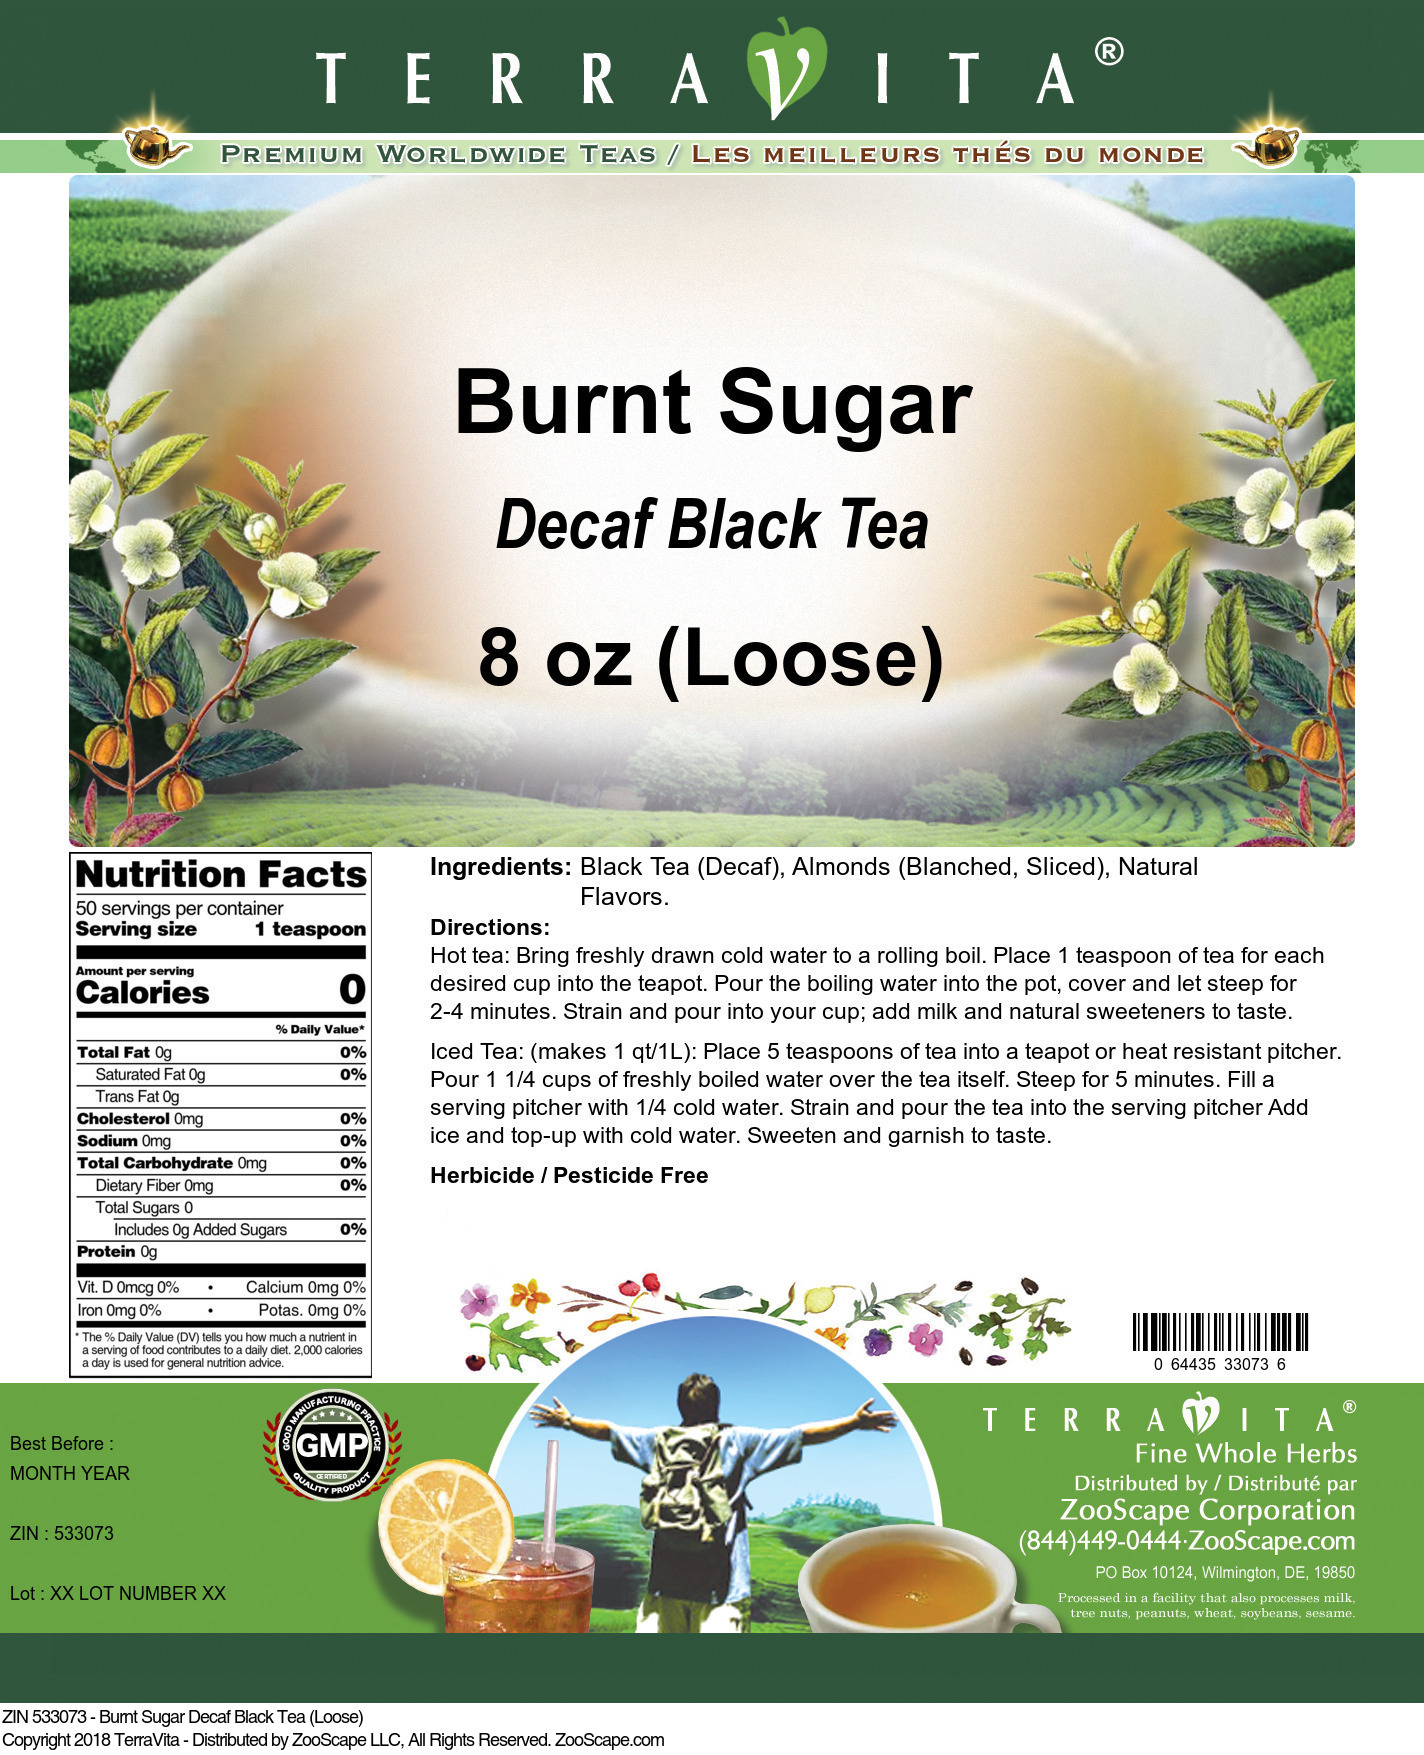 Burnt Sugar Decaf Black Tea (Loose)